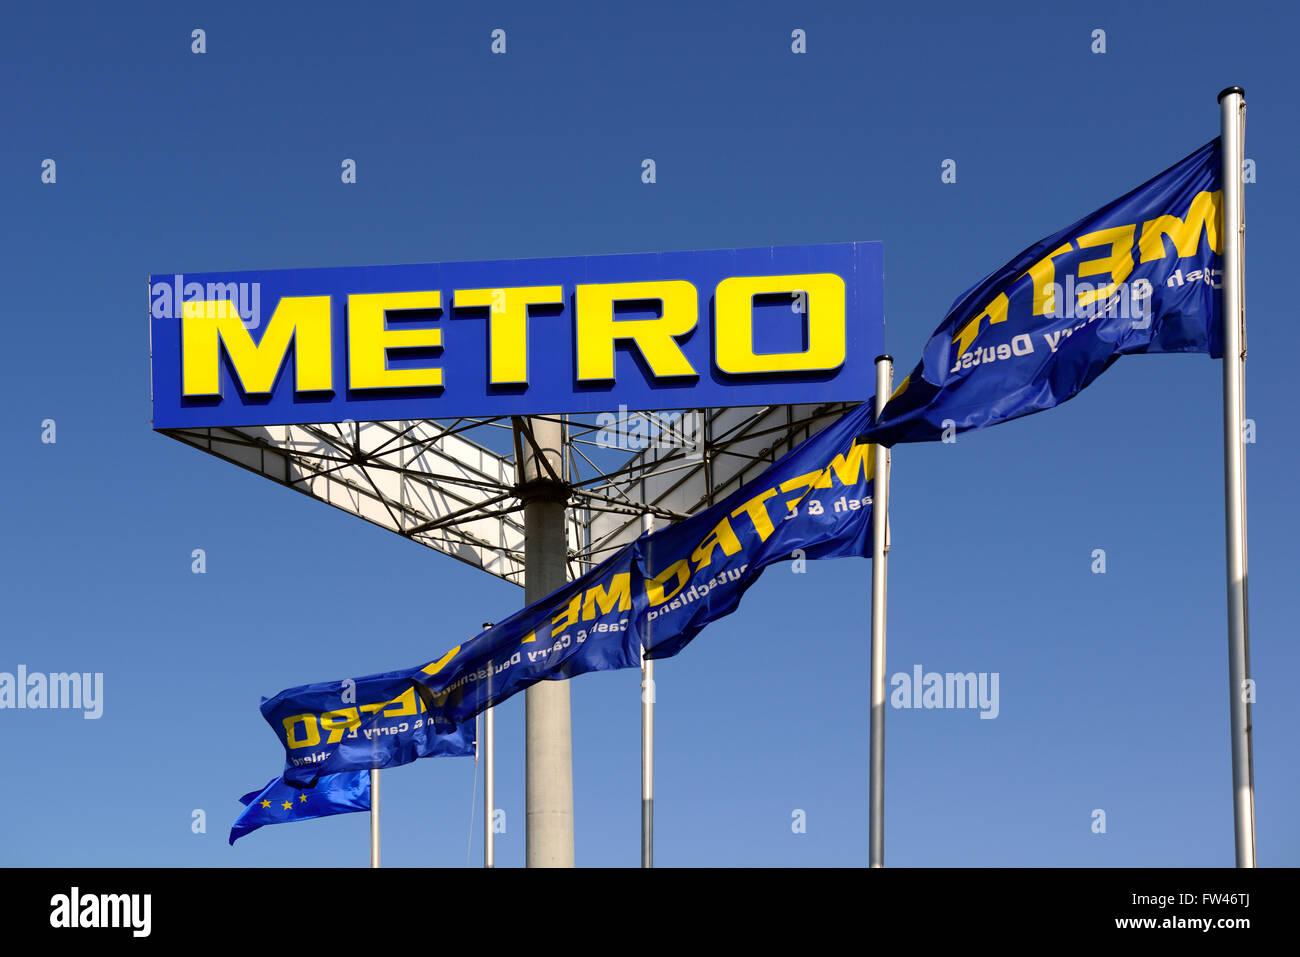 Schriftzug und Fahnen der Metro AG, Europas groesstem Einzelhandelskonzern, Berlin, Deutschland, Europa, oeffentlicherGrund Stock Photo